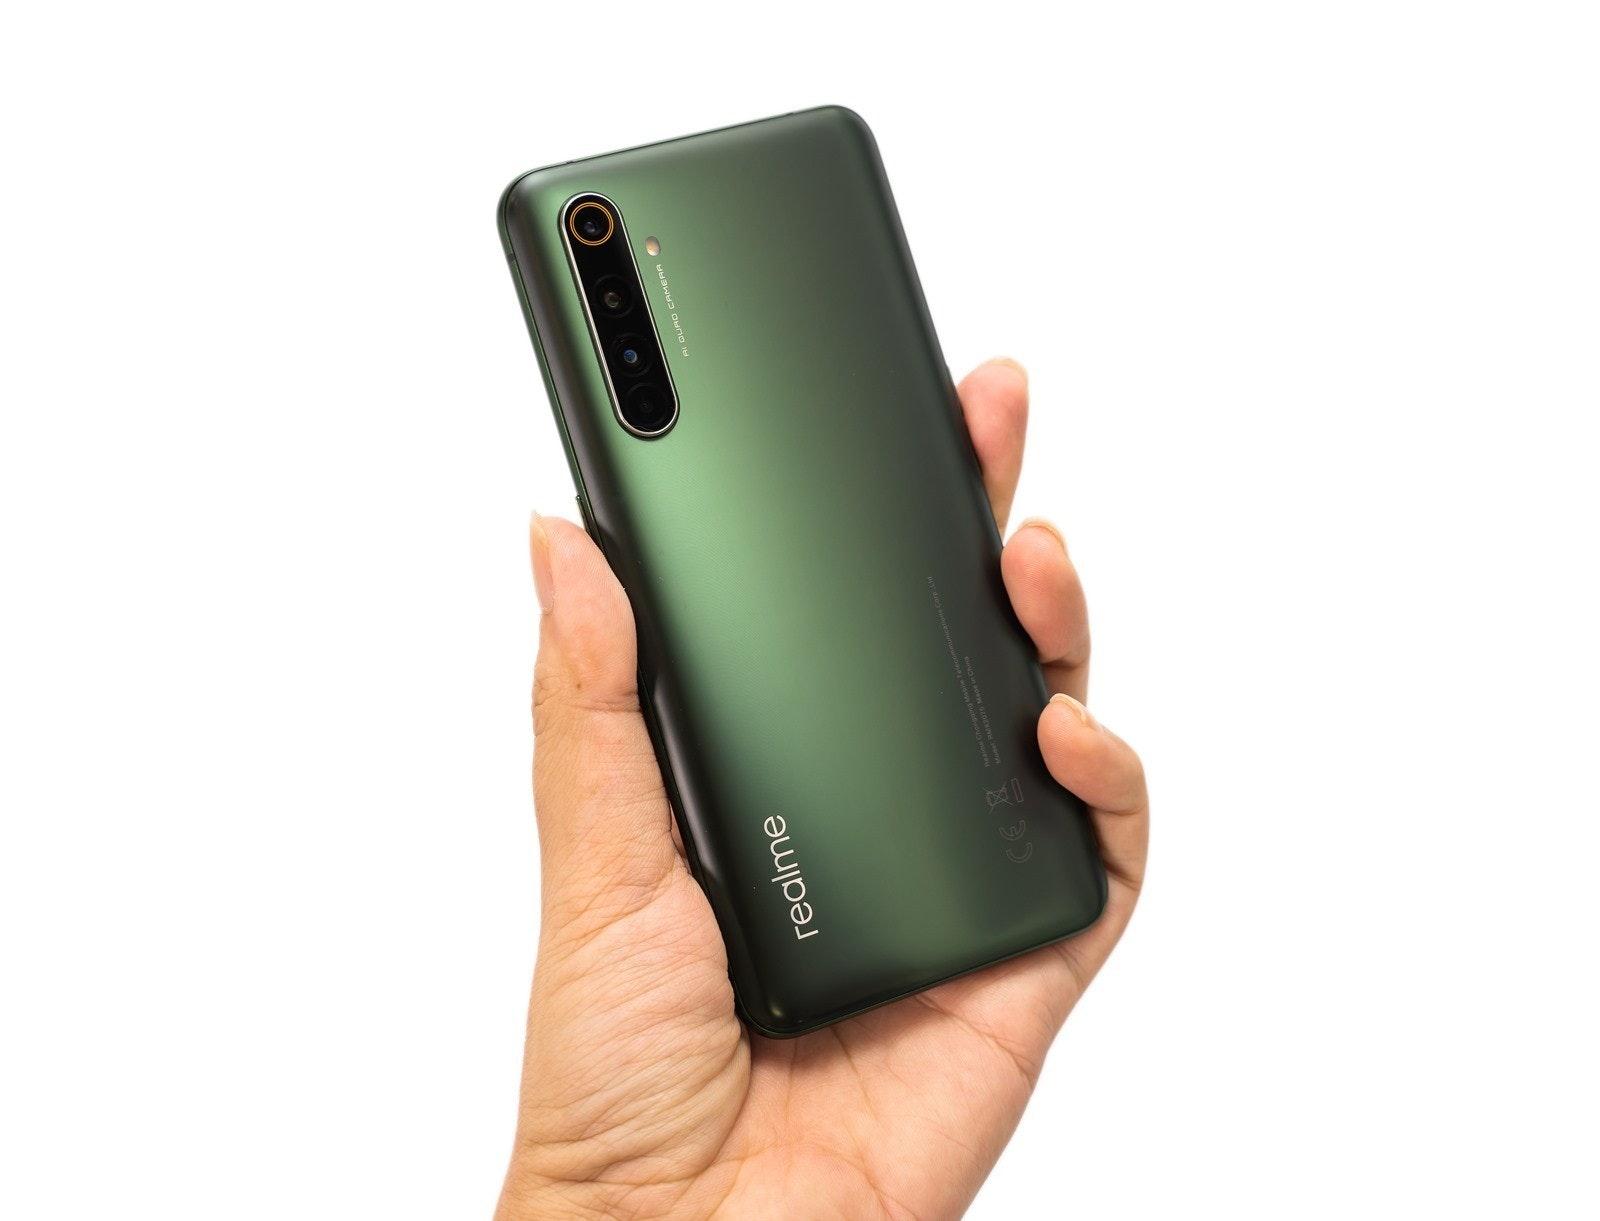 照片中提到了realme,包含了手機、手機、功能手機、Realme X50 Pro 5G、Realme